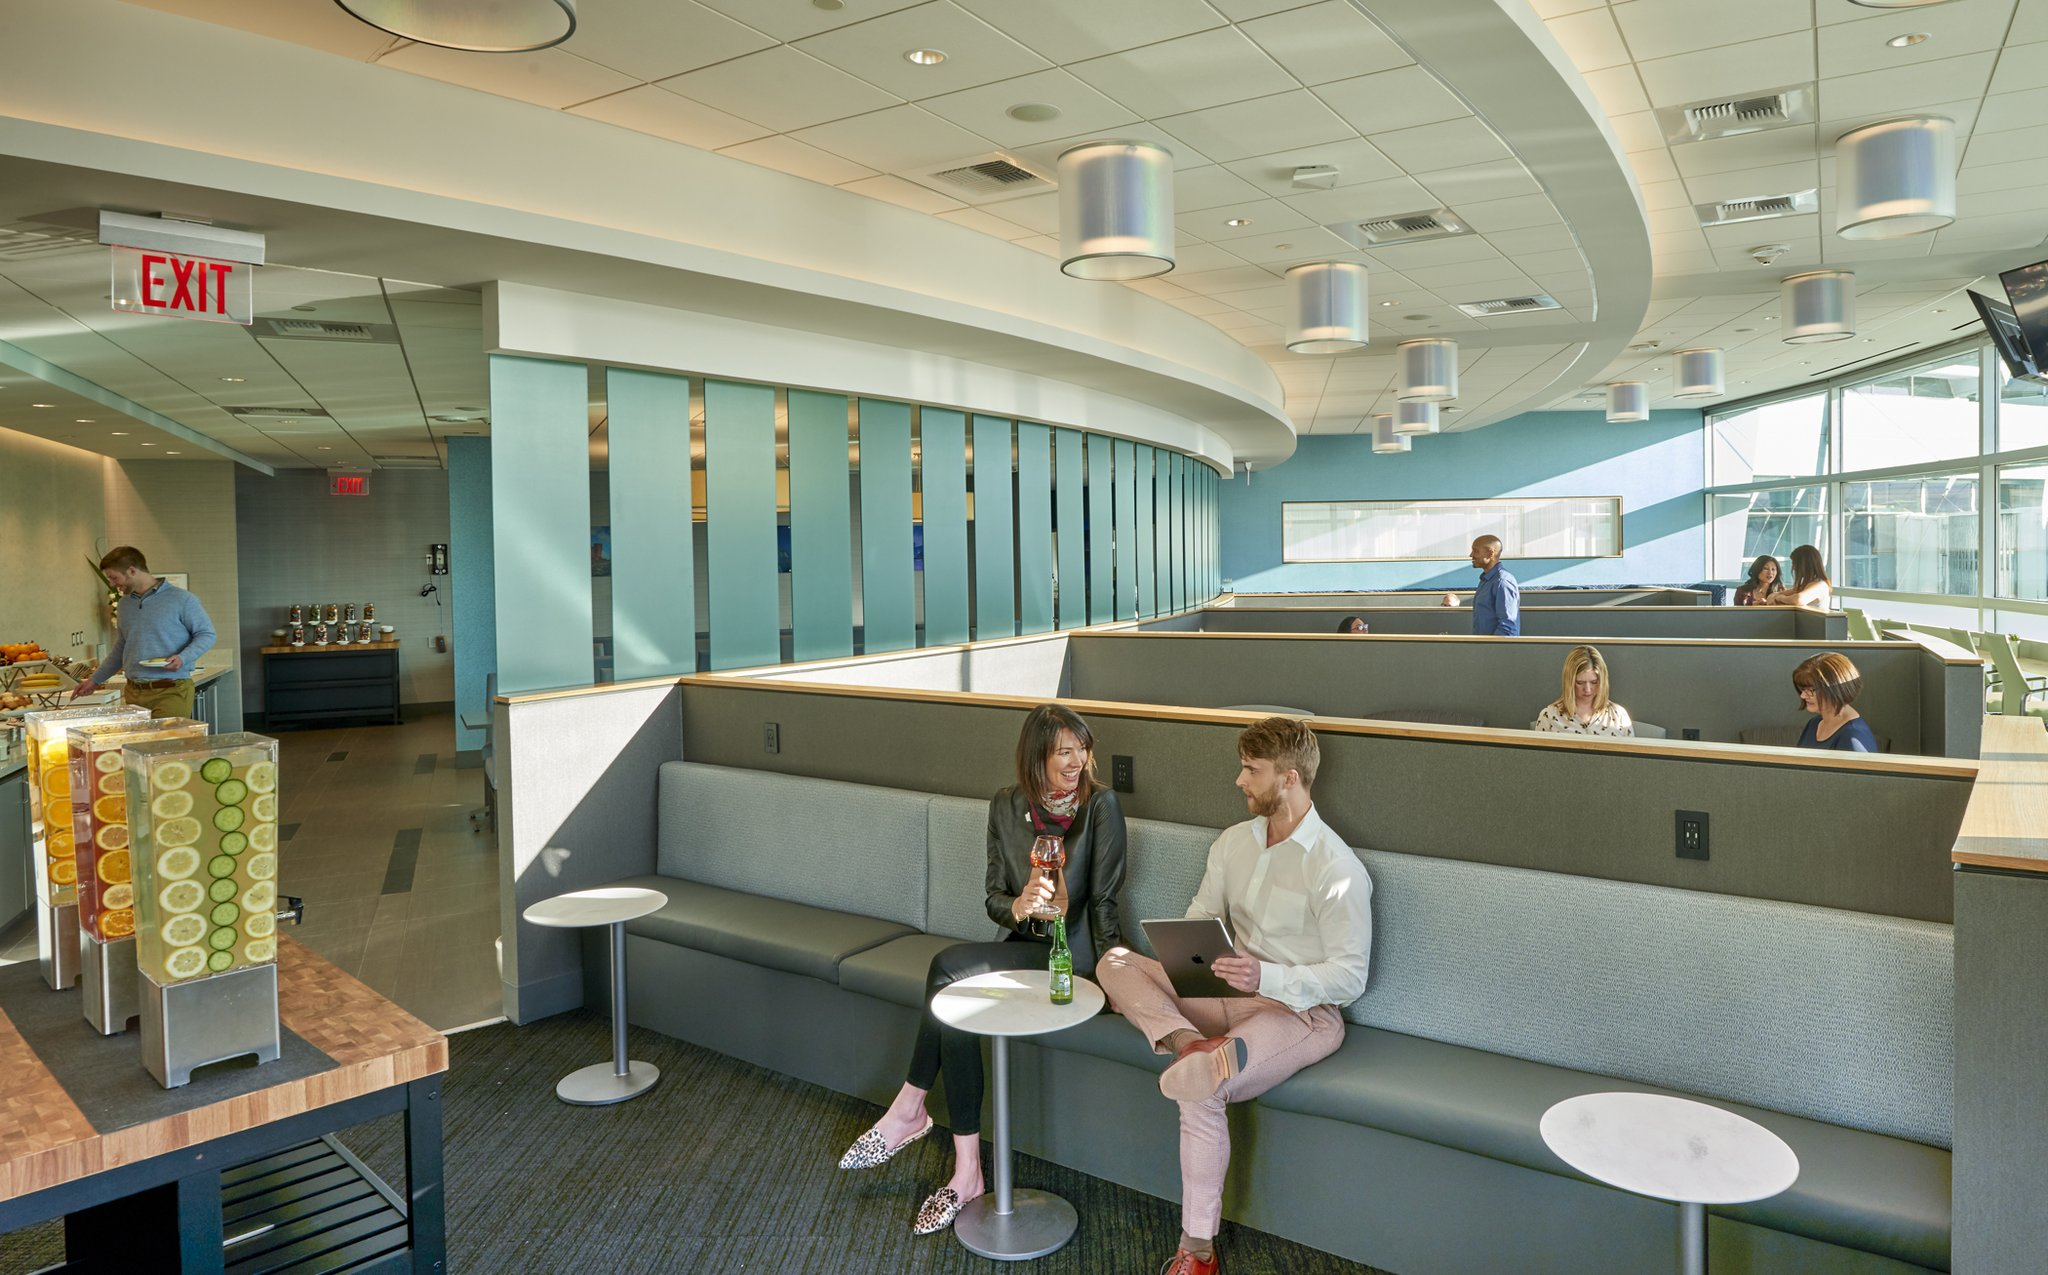 Club LAS at McCarran International Airport